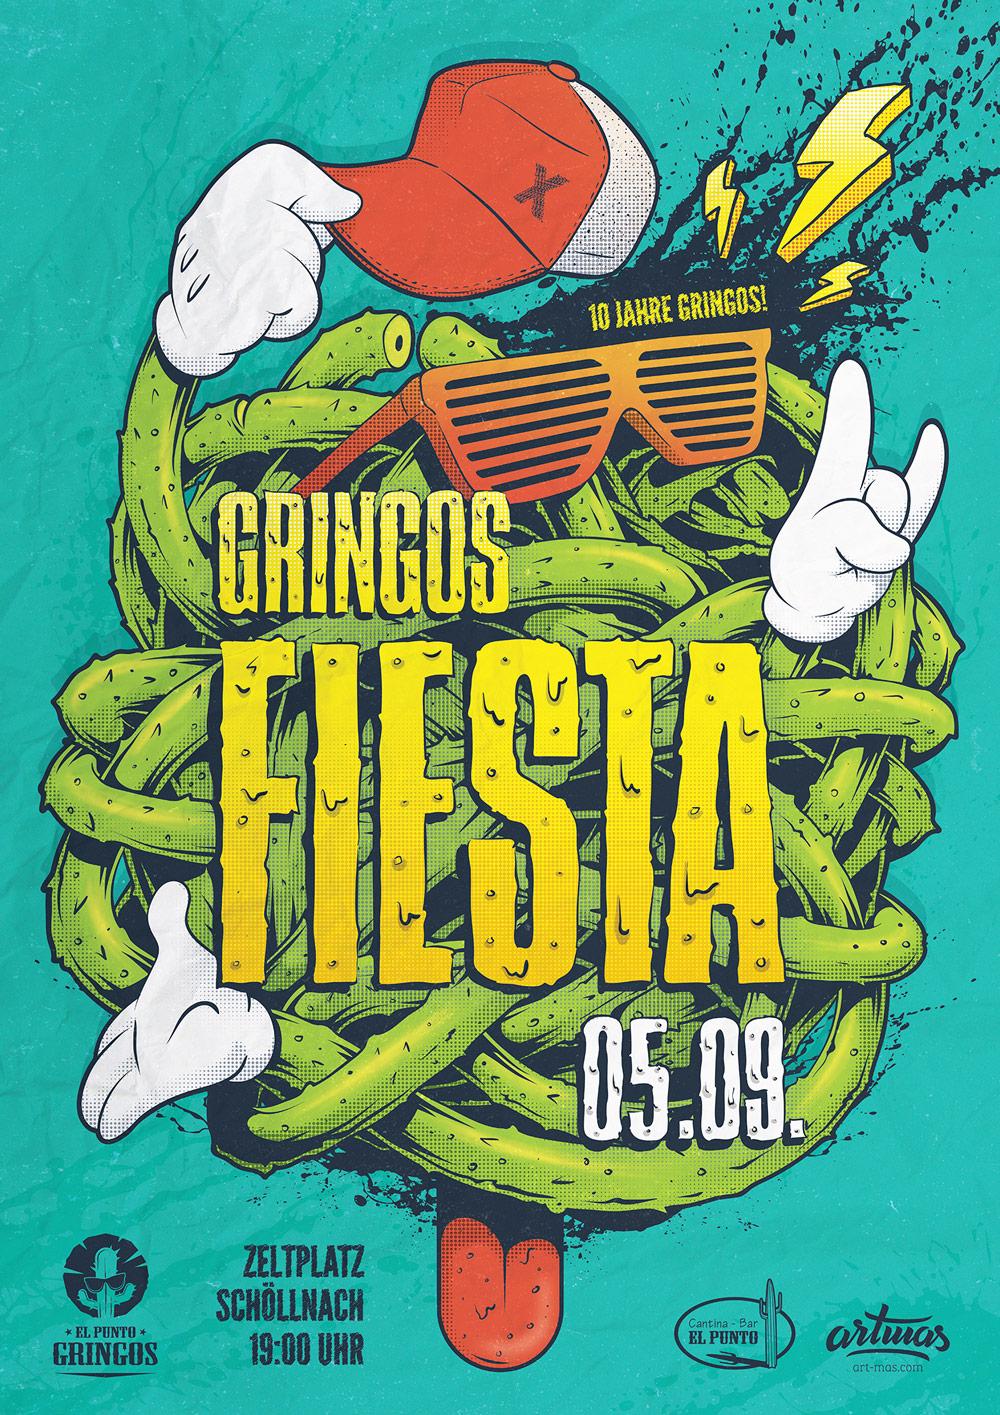 Gringos Fiesta 2015 | Poster | Illustration By Artjom Meister | Art-mas.com